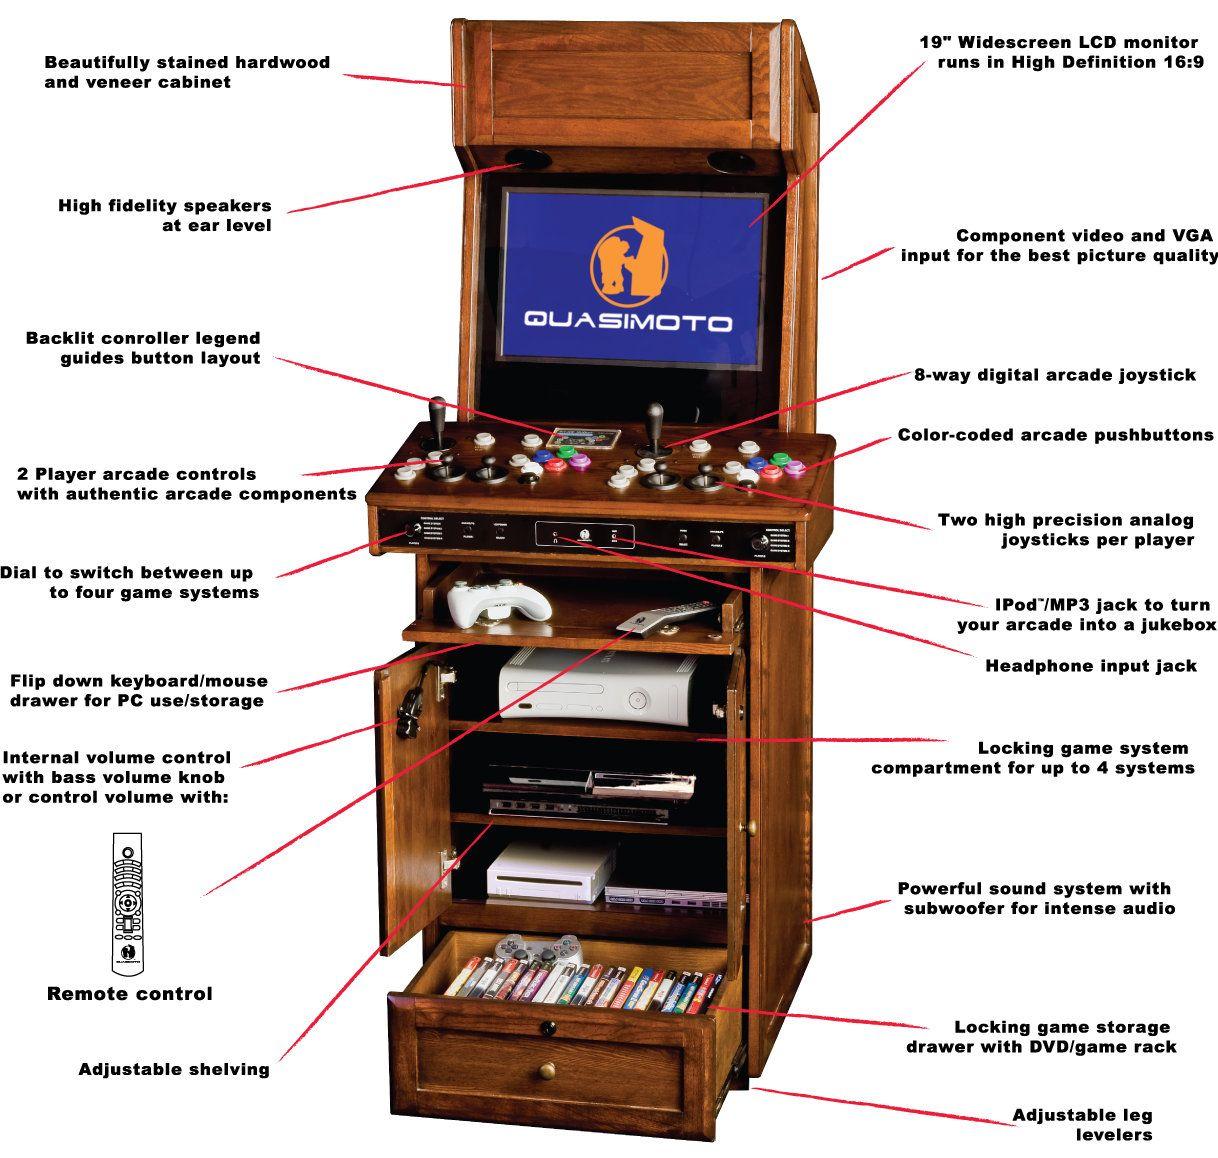 quasimoto arcade cab Diy arcade Arcade, Arcade room